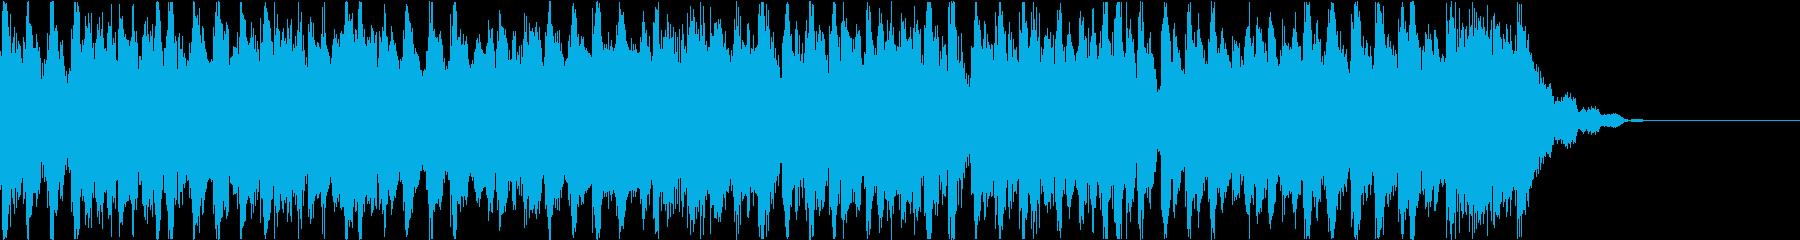 優雅で明るい4つ打ちジングル(短尺A盤)の再生済みの波形